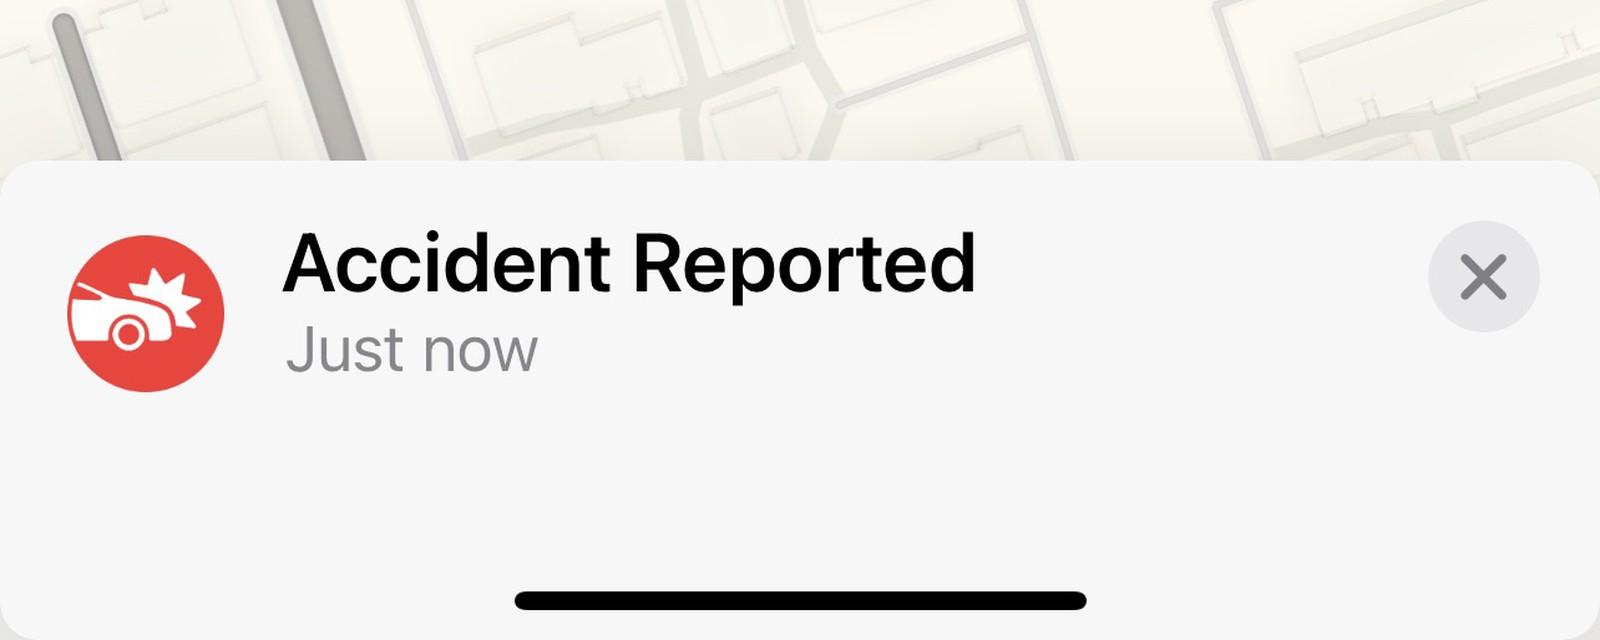 Con l'app Mappe di iOS 14.5 è possibile segnalare traffico e incidenti come Waze